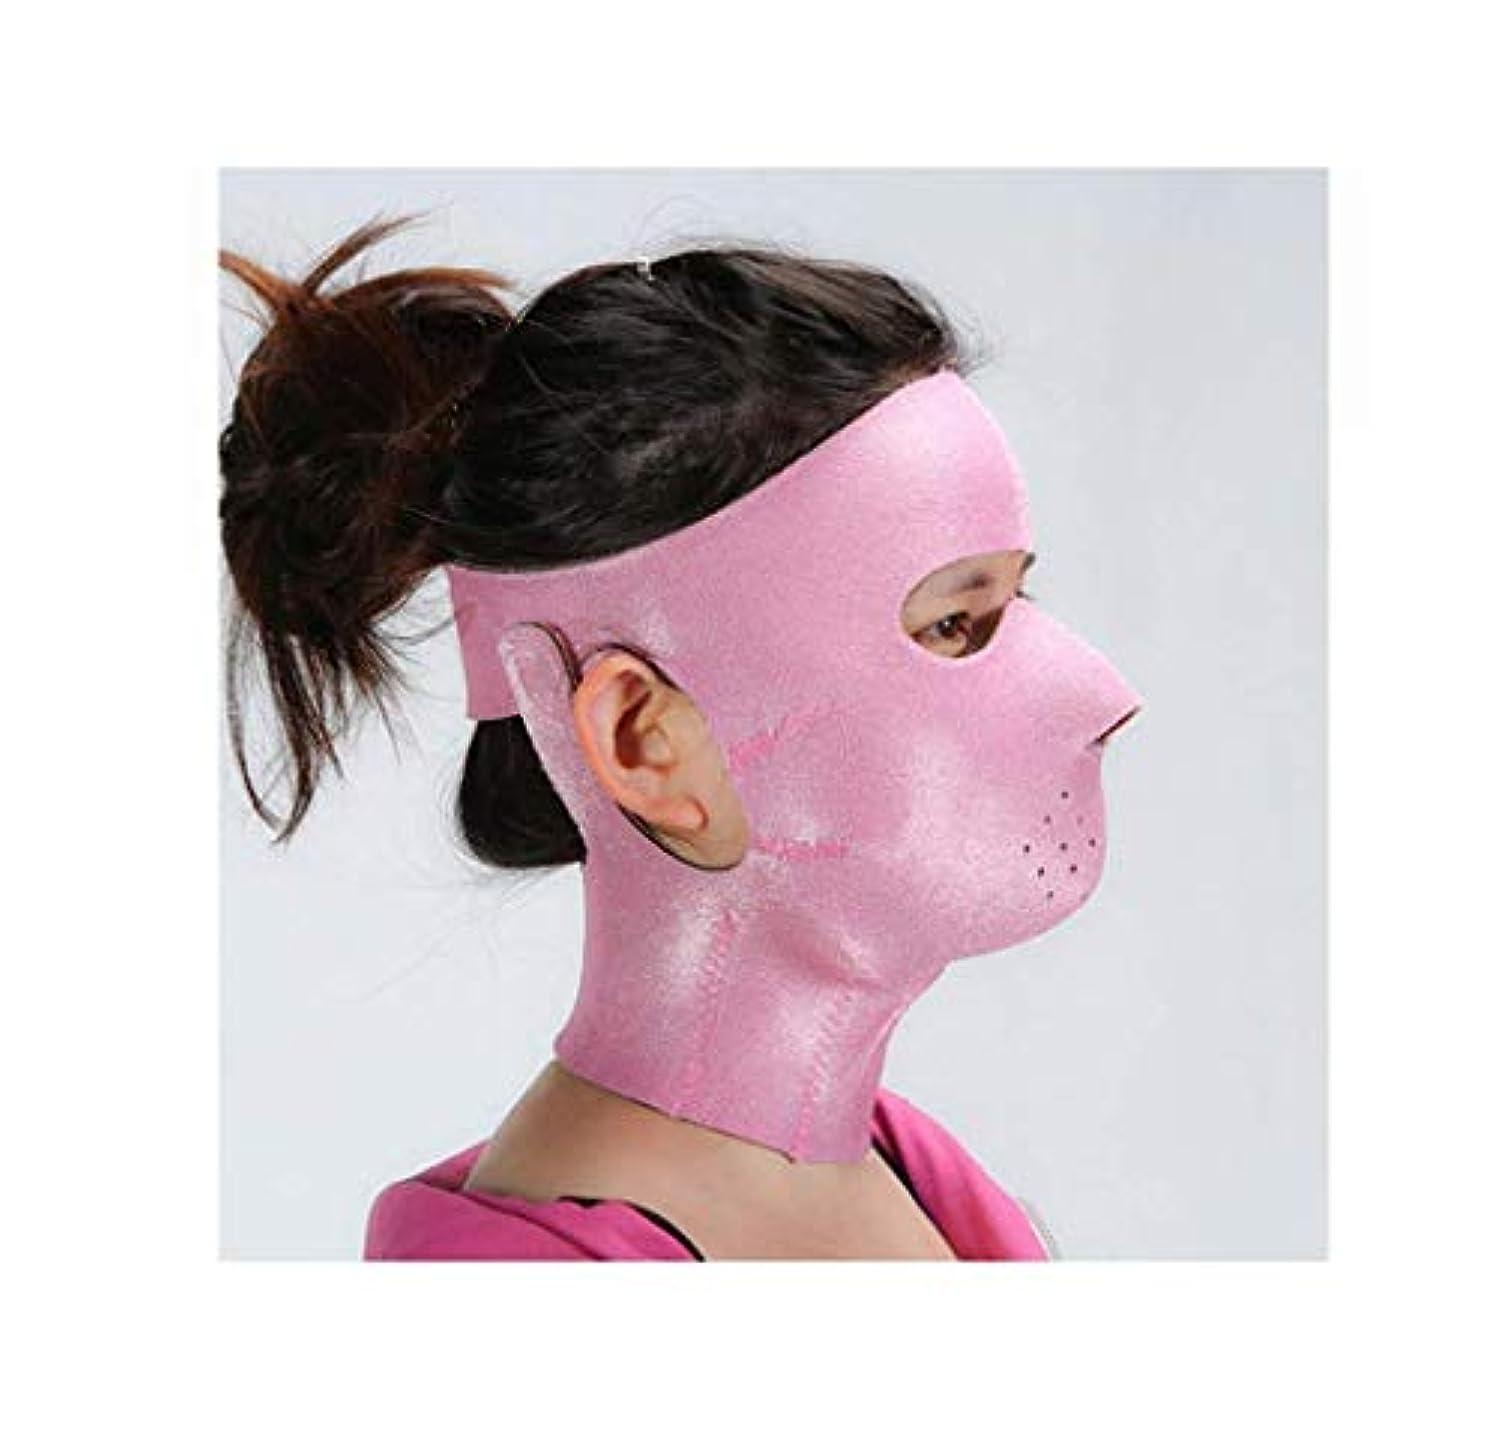 テキスト抑止するアミューズフェイスリフトマスク、フェイシャルマスクプラス薄いフェイスマスクタイトなたるみの薄いフェイスマスクフェイシャル薄いフェイスマスクアーティファクトビューティーネックストラップ付き